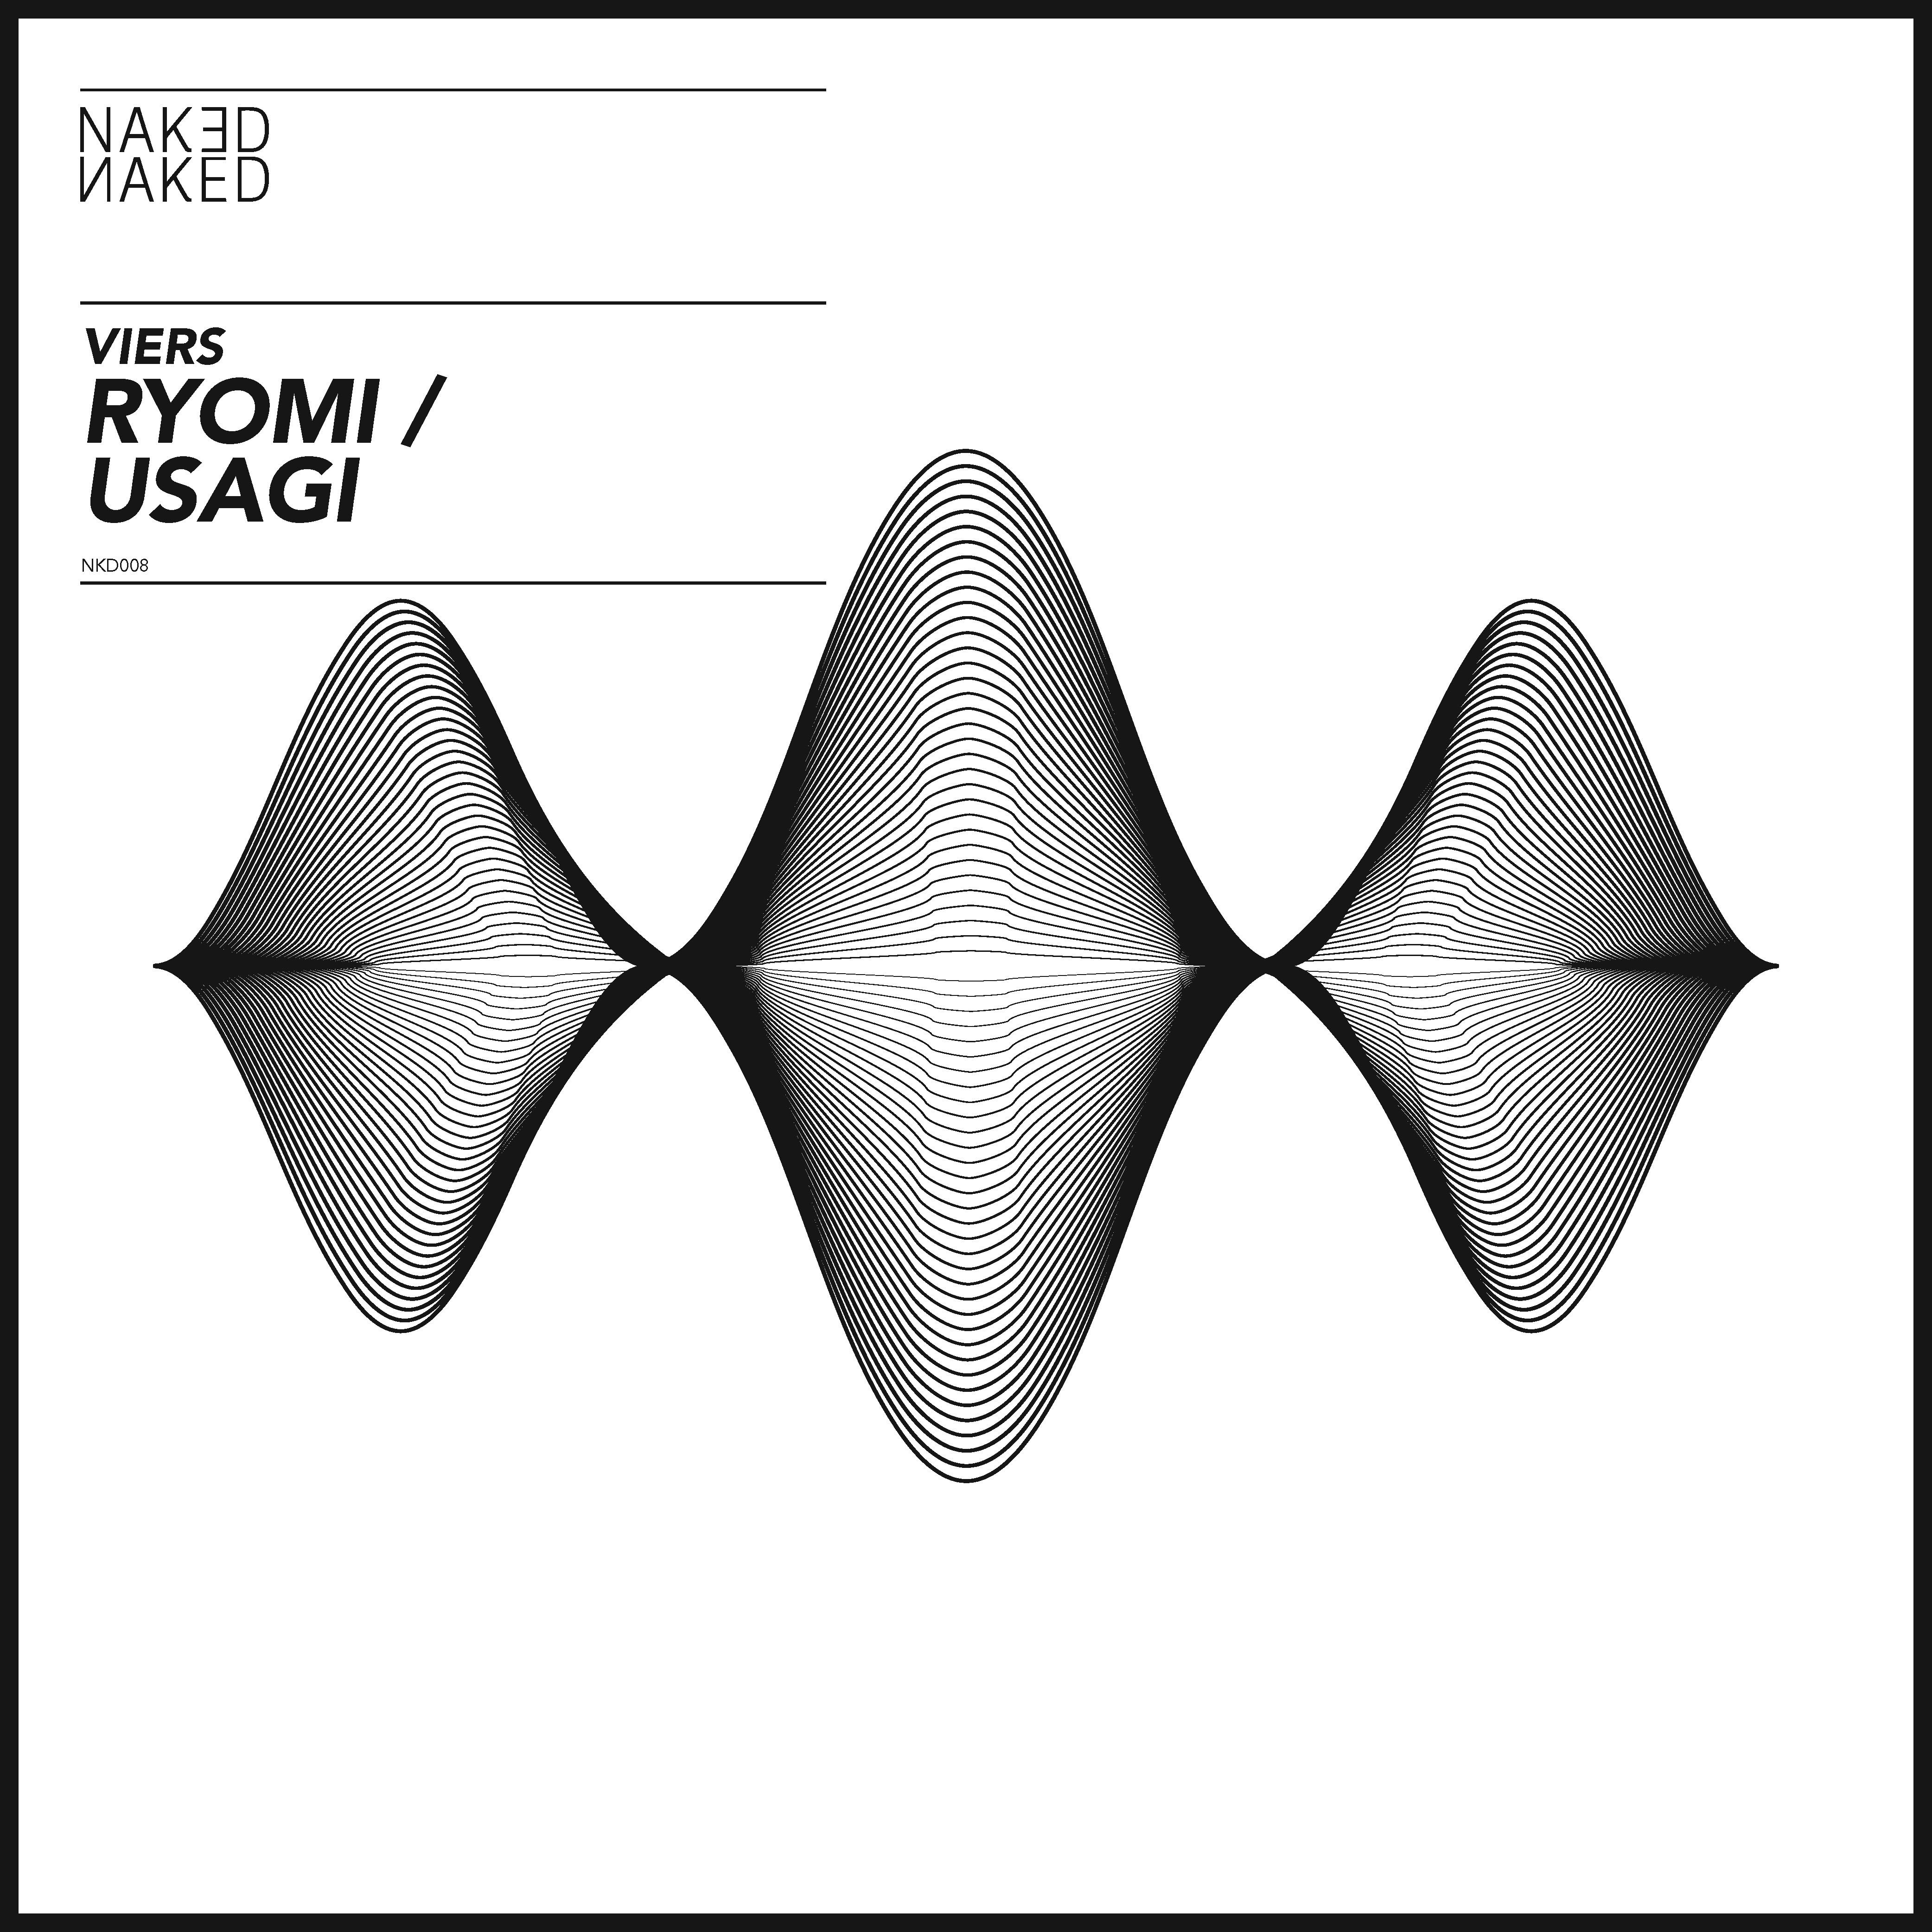 Ryomi / Usagi